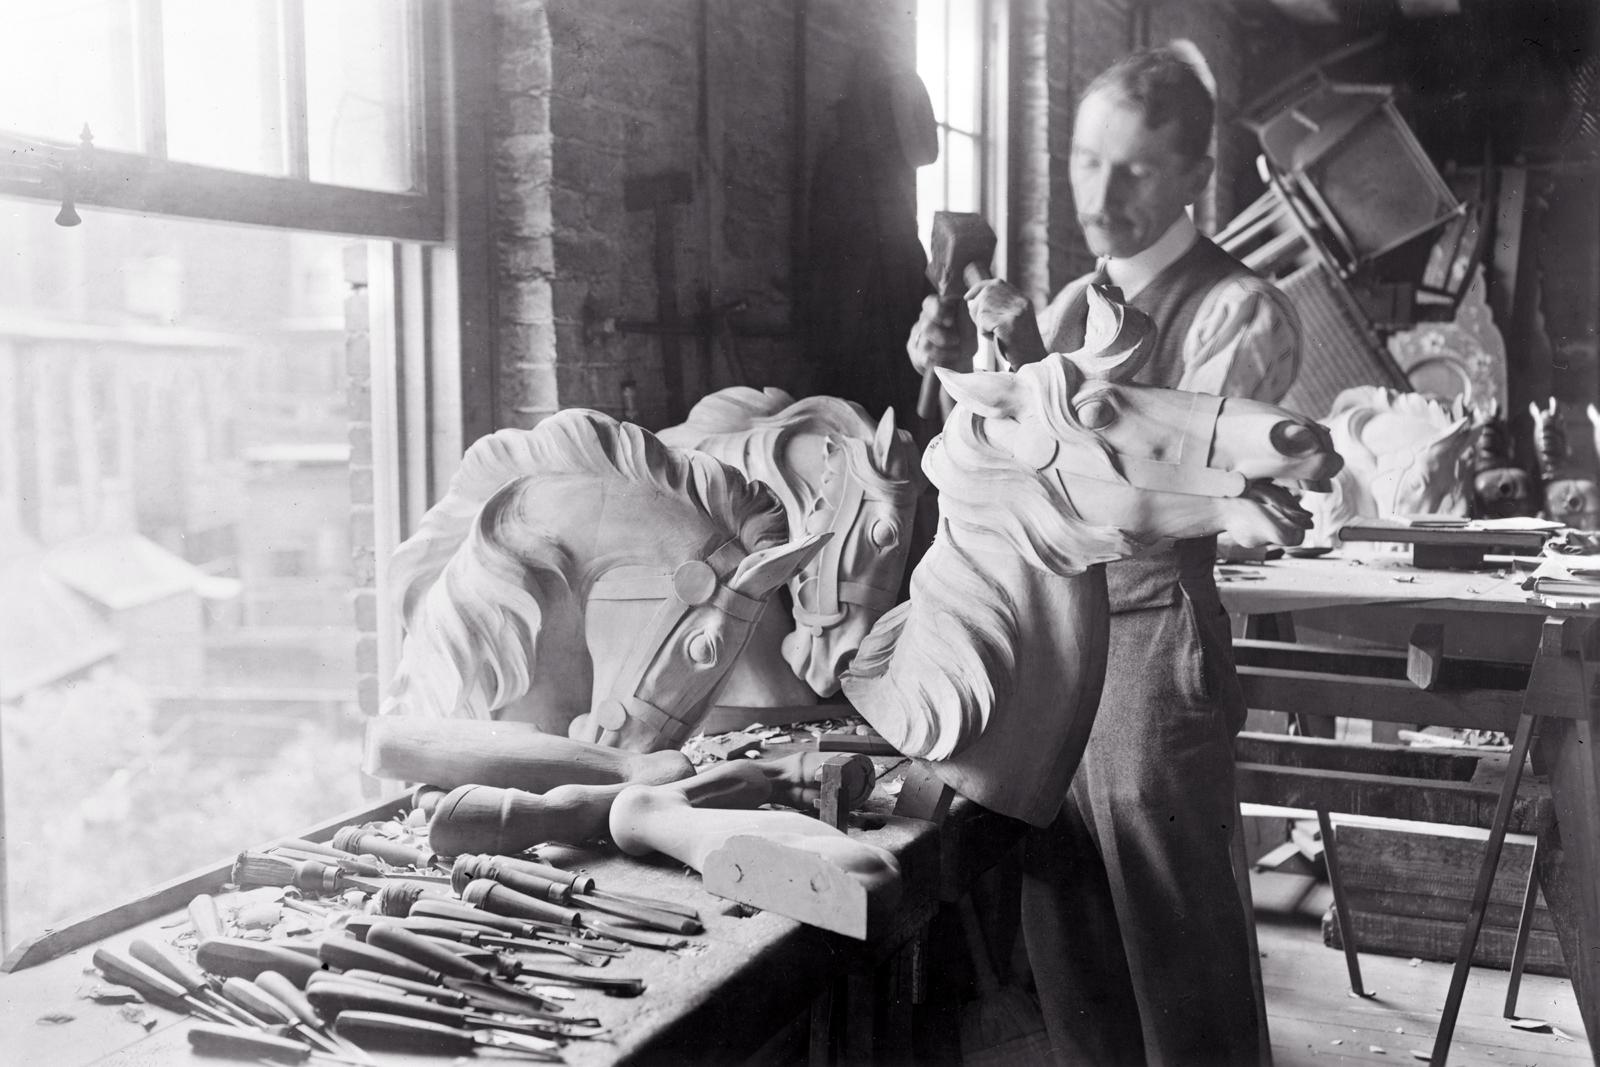 Daniel-Muller-carving-carousel-horse-Dentzel-shop-Philadelphia-early-1900s